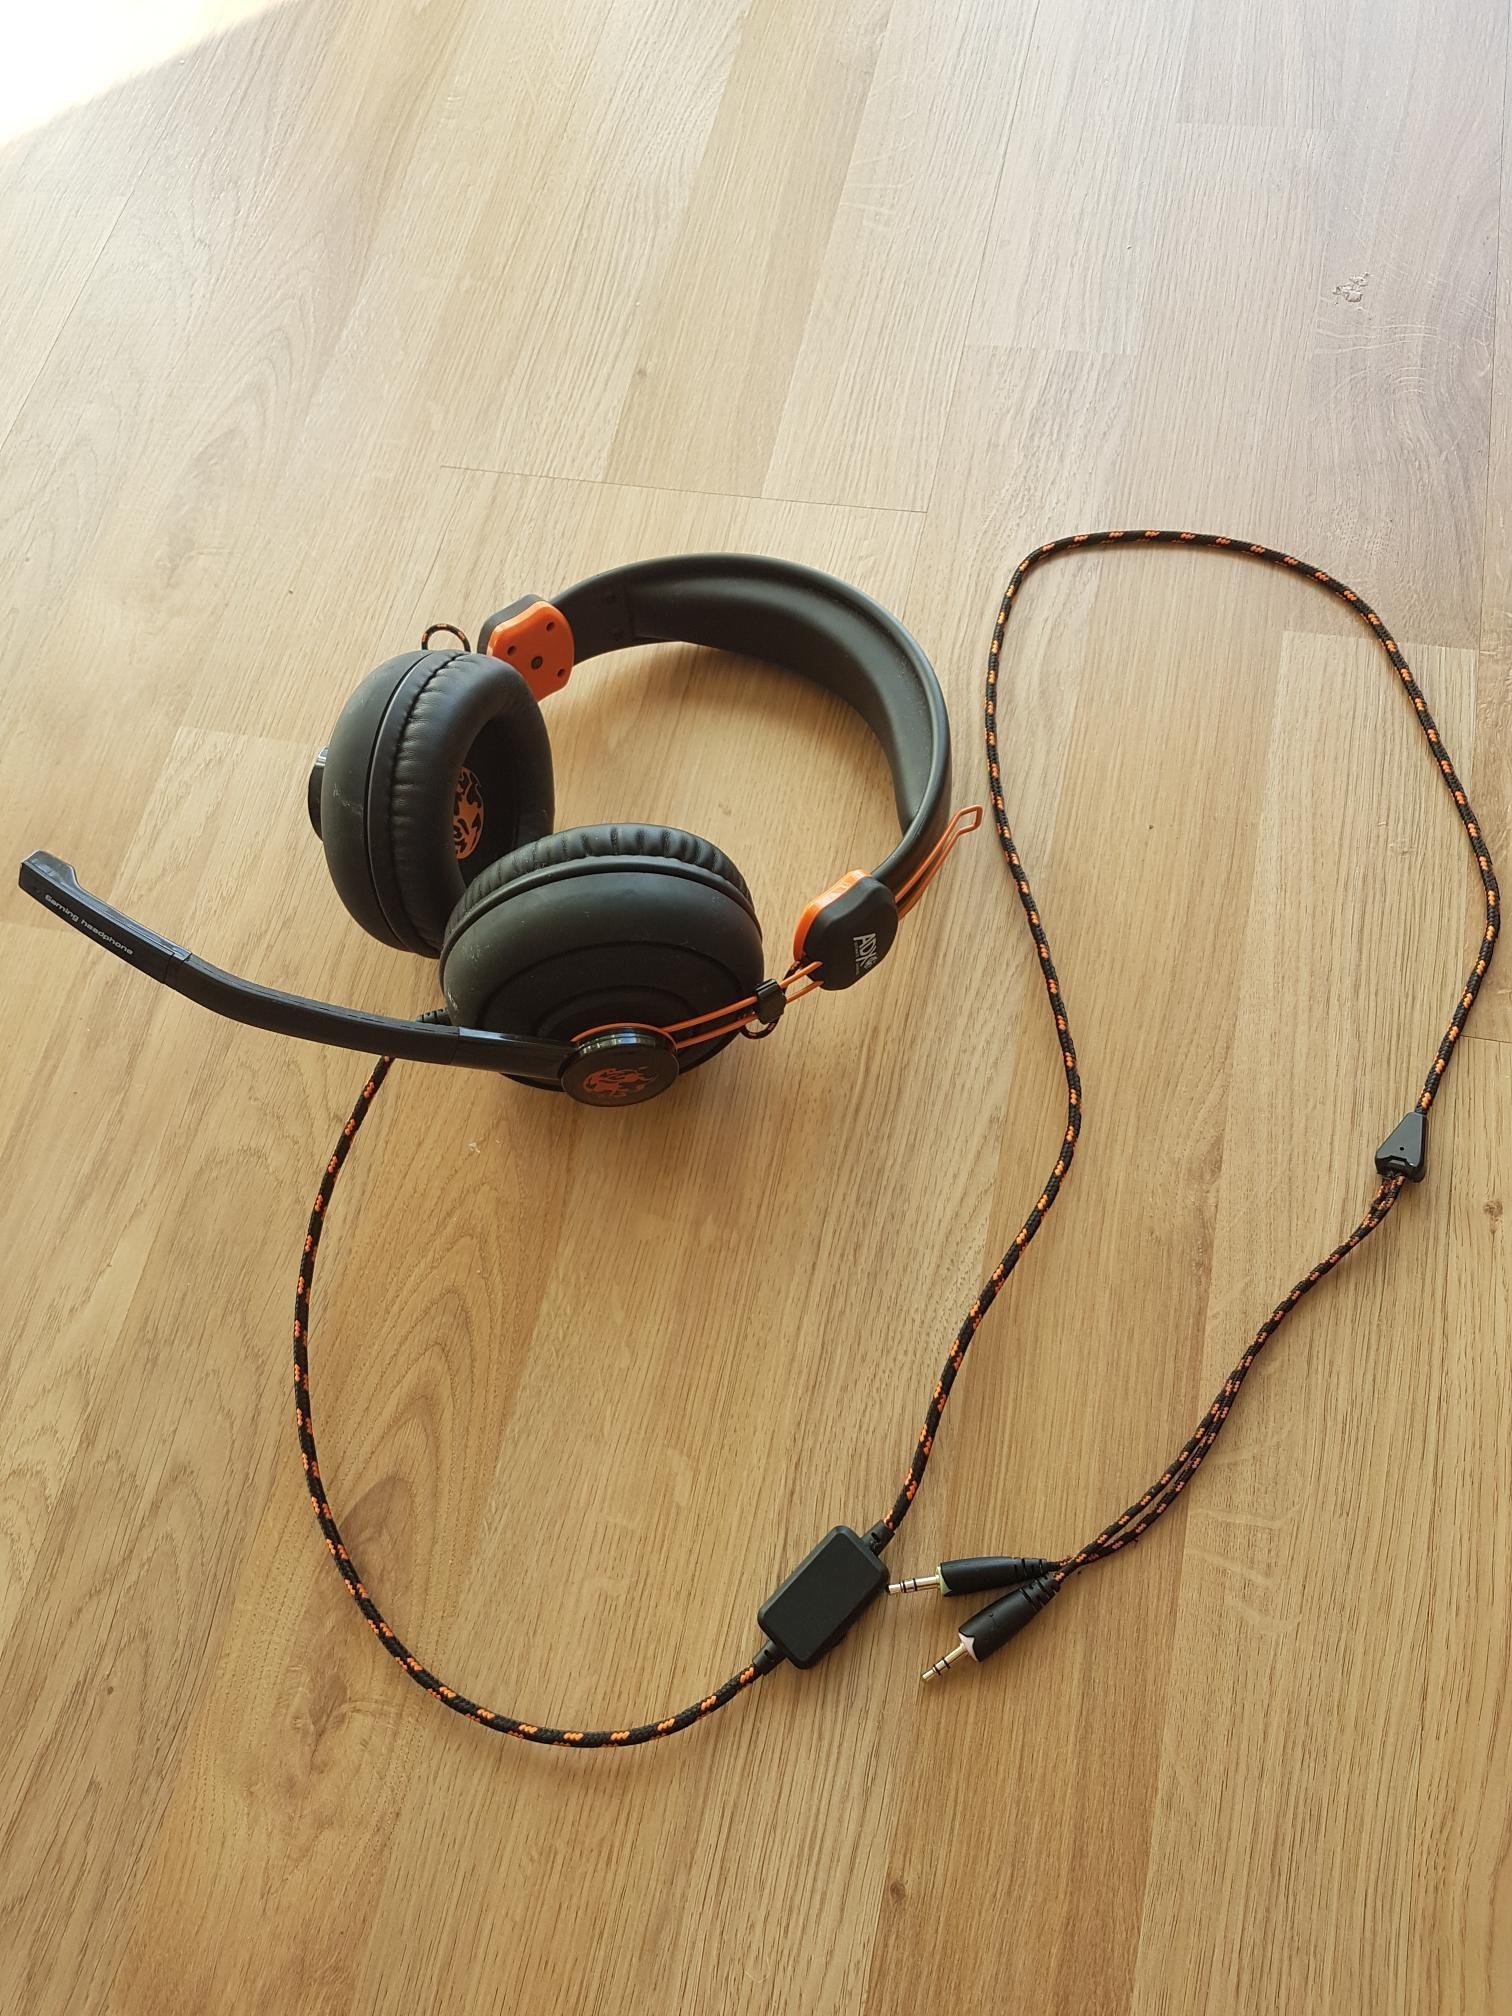 ADX Firestorm A01 gaming headset  | FINN no